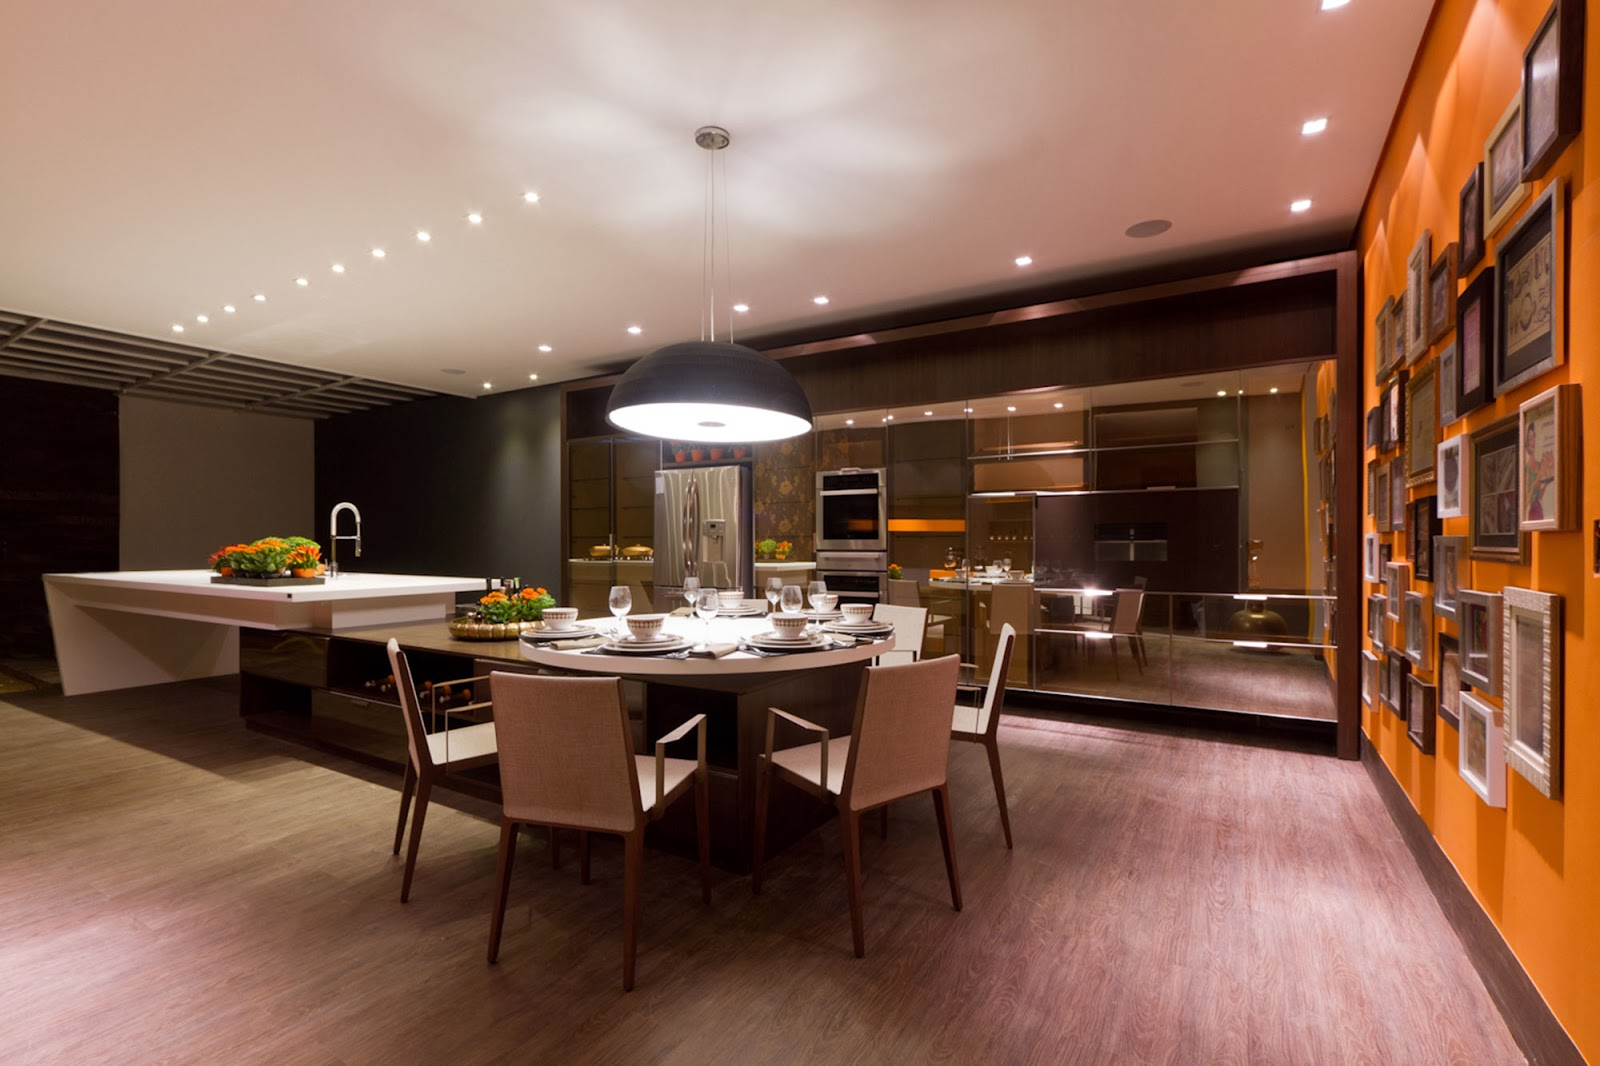 cozinha de hoje estão cada vez mais integradas com o Ambiente Social #B55104 1600 1066